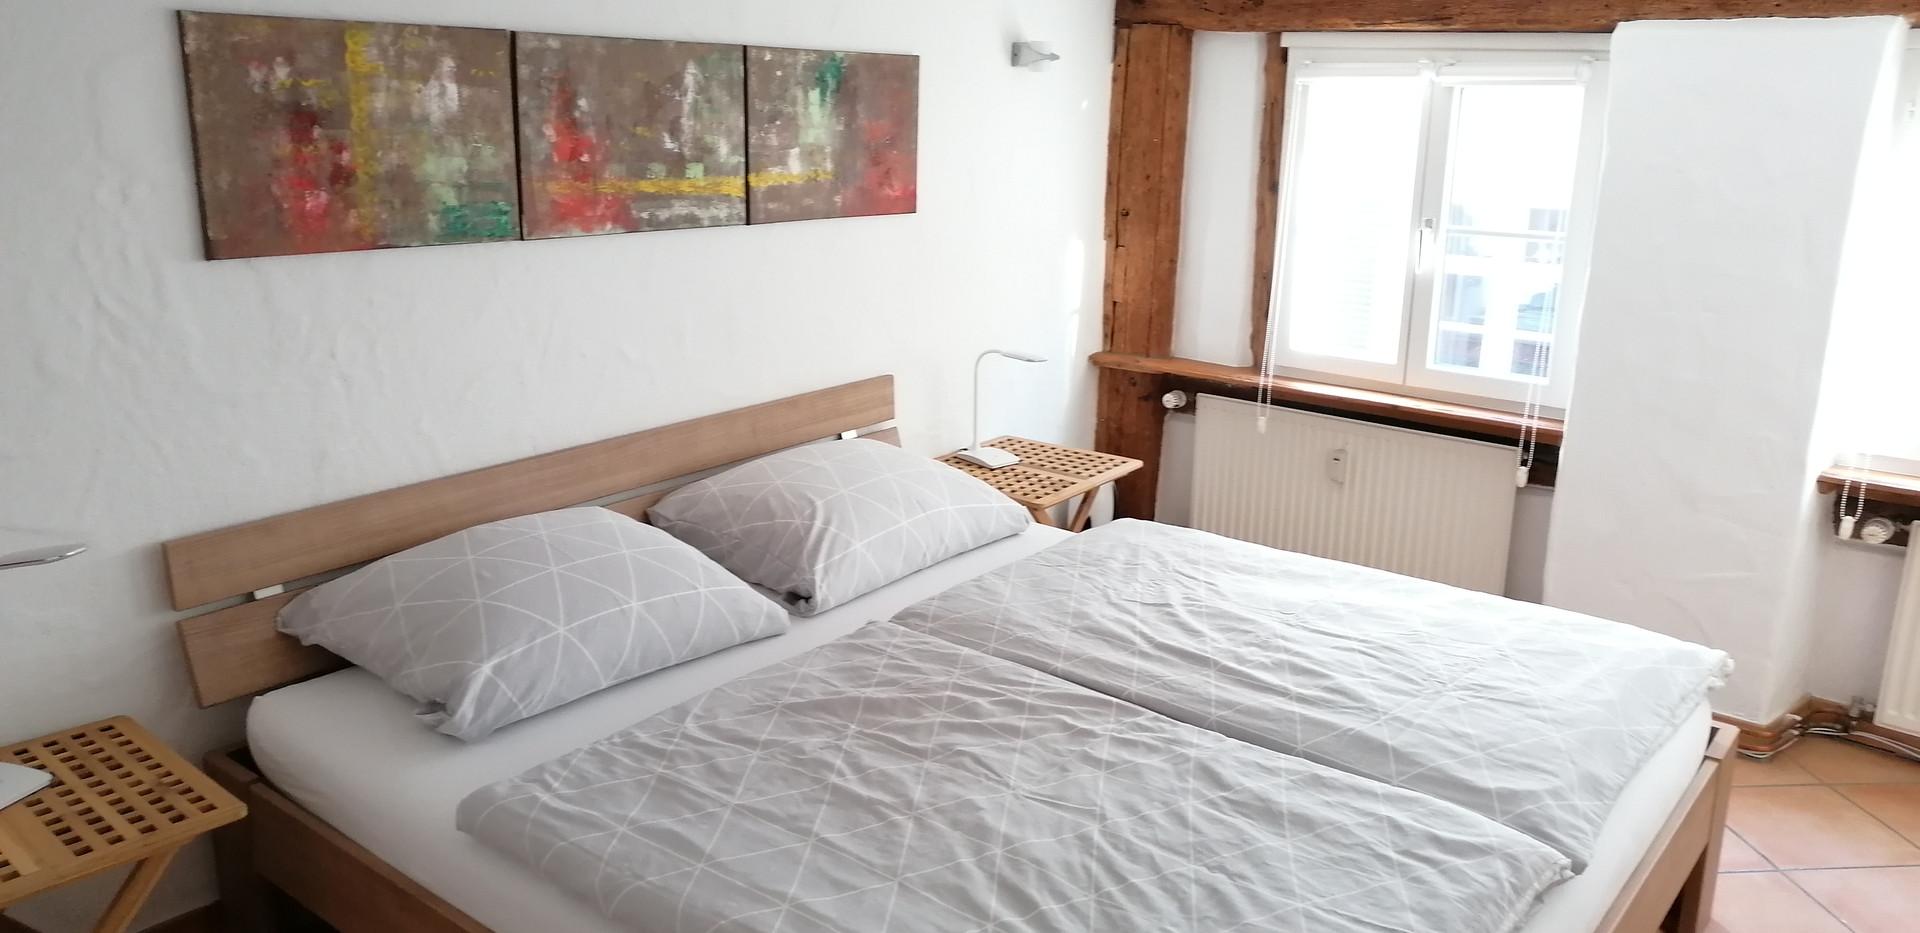 Schlafzimmer mit Doppelbett (1,80 x 2,00